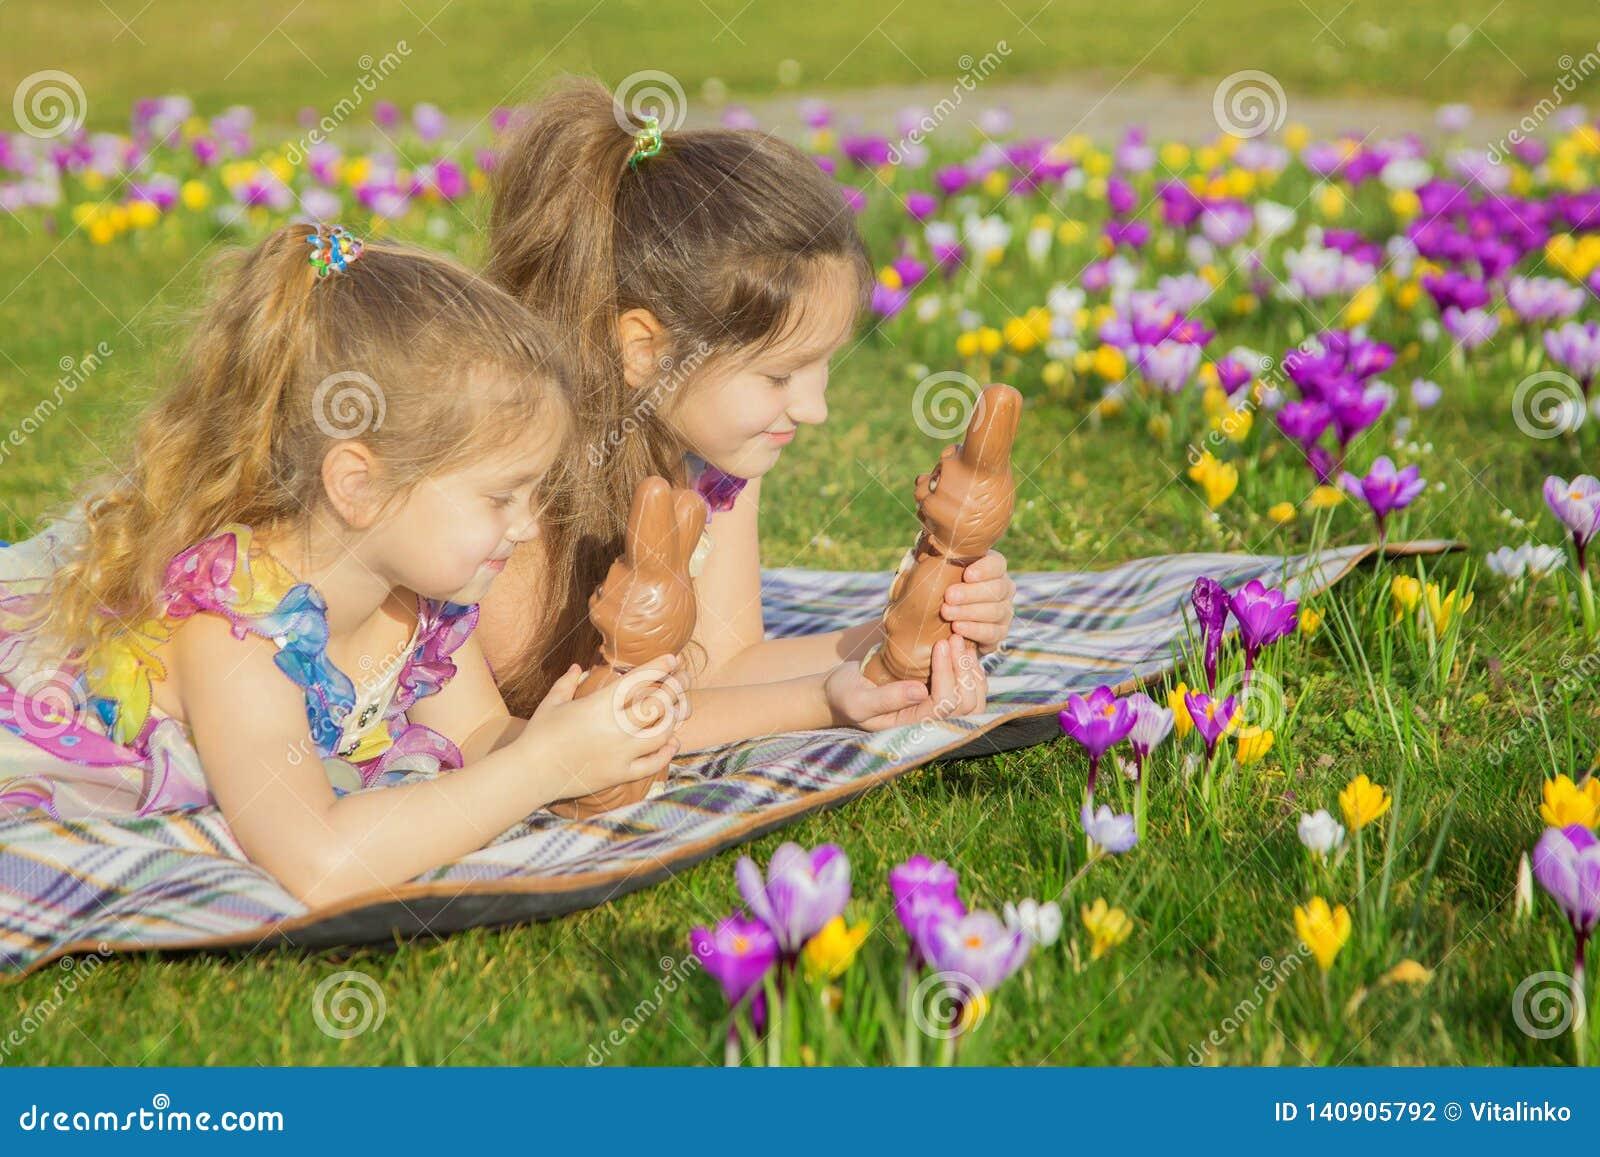 Праздники пасхи, праздники семьи, утеха и концепция весны